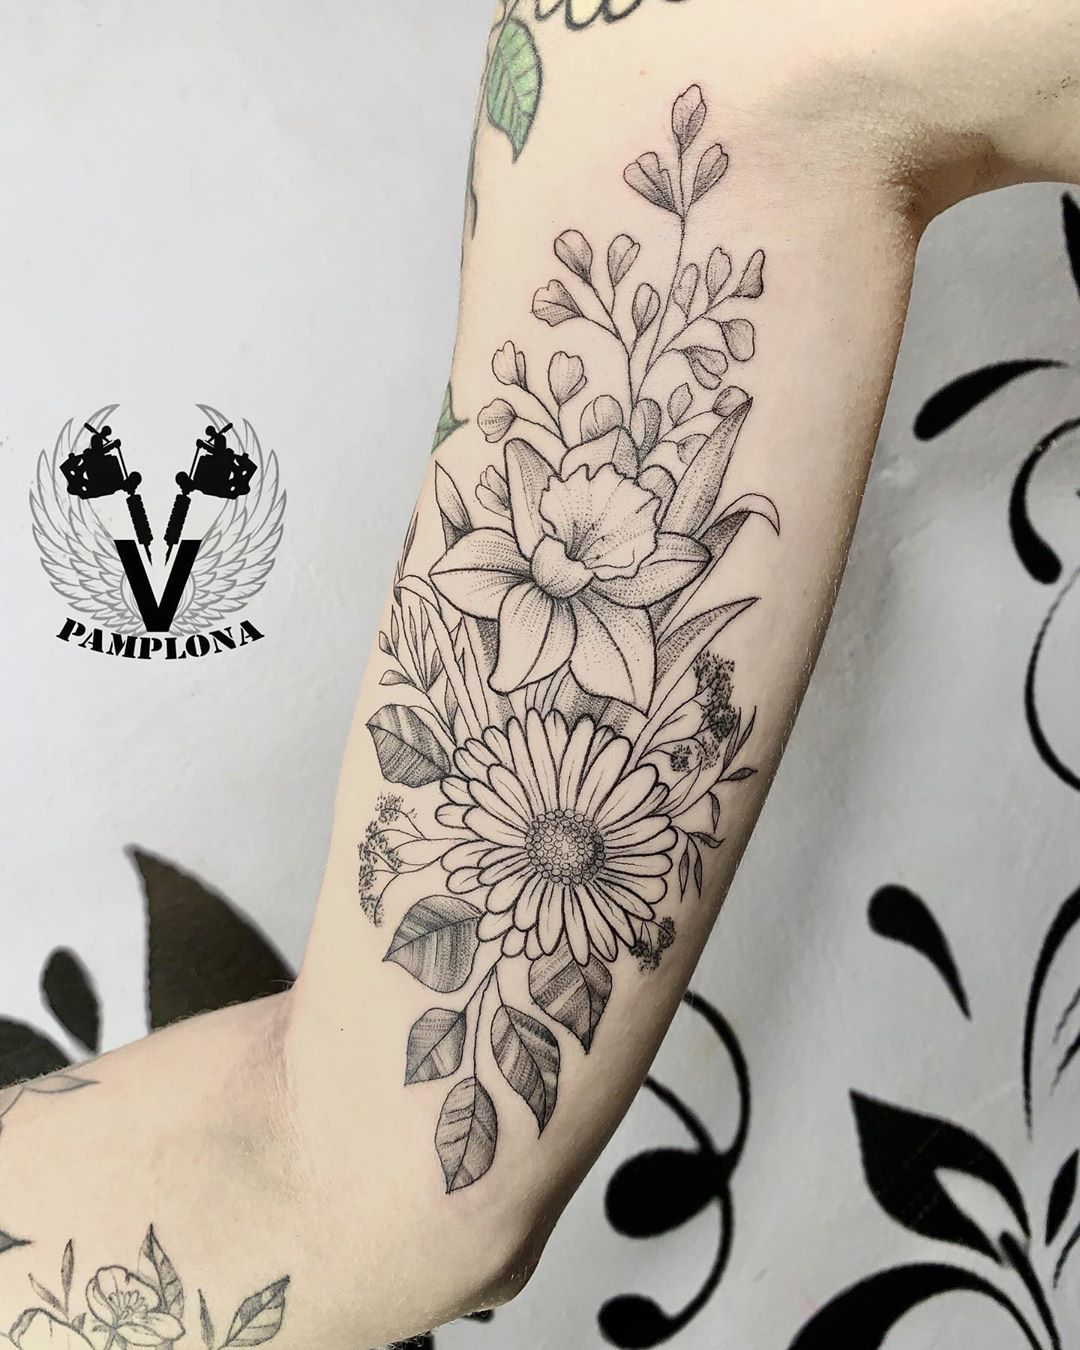 Floral com qualidade e valor acessível. Tudo está sendo feito com os devidos cuidados para que todos possamos manter bem nossa saúde. #floral #flores #arte #tatuagem #tattoo #desenho #tattooink #tattooinsta #tattoostyle #tattooart #tattoodo #tattooja #tattooideias